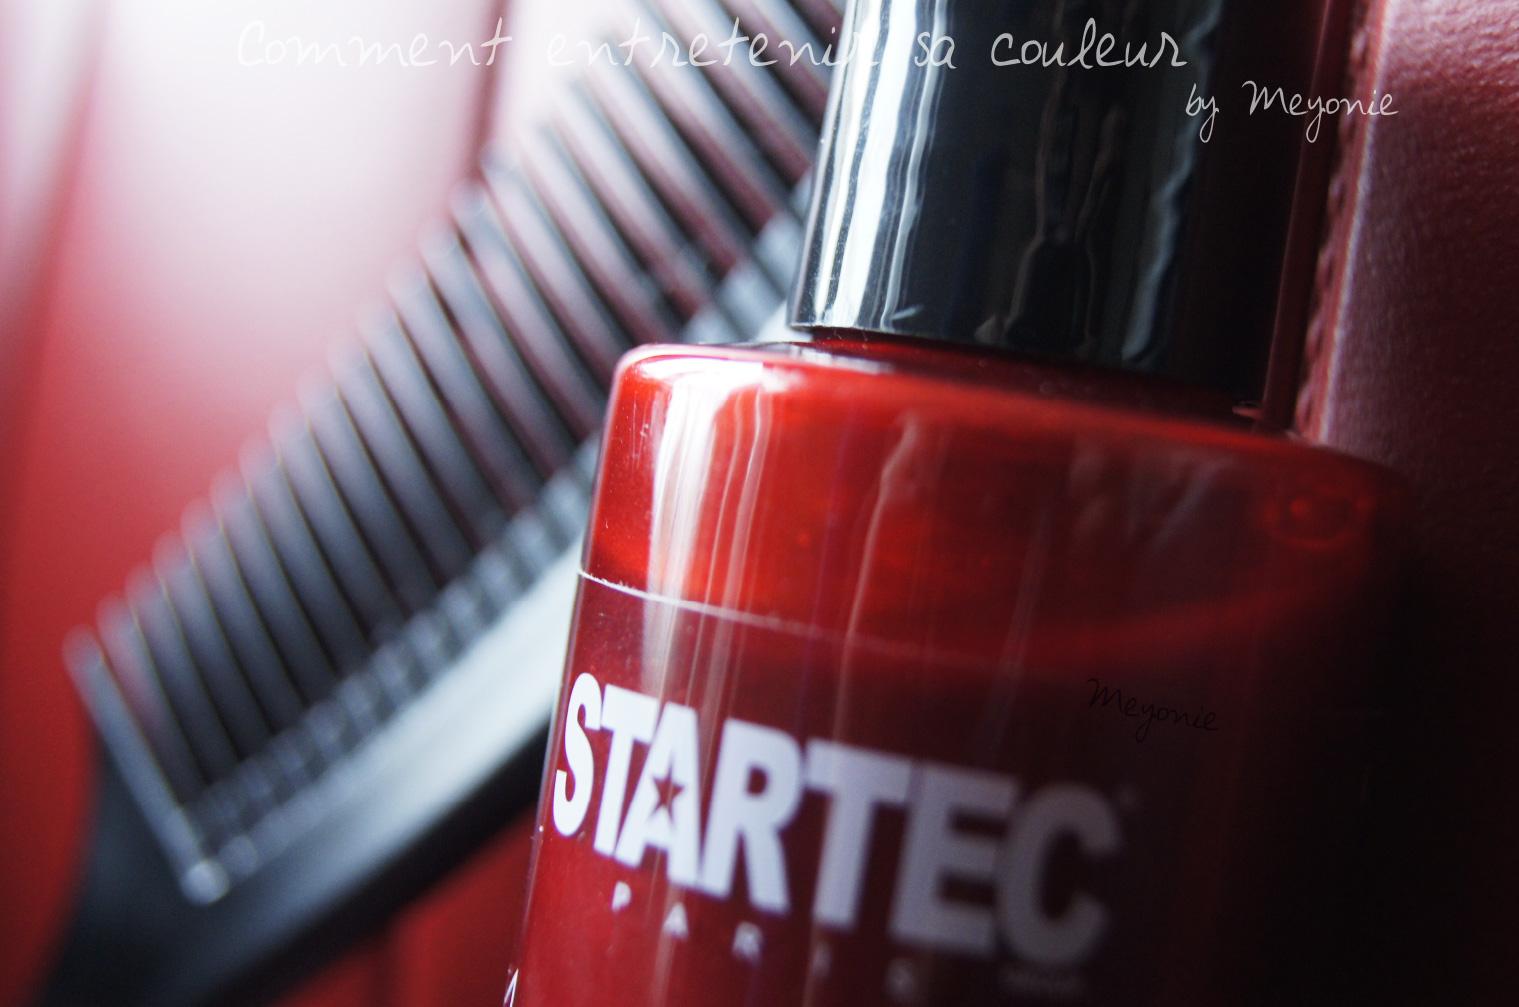 comment entretenir sa couleur meyonie 2 - Entretien Coloration Rouge